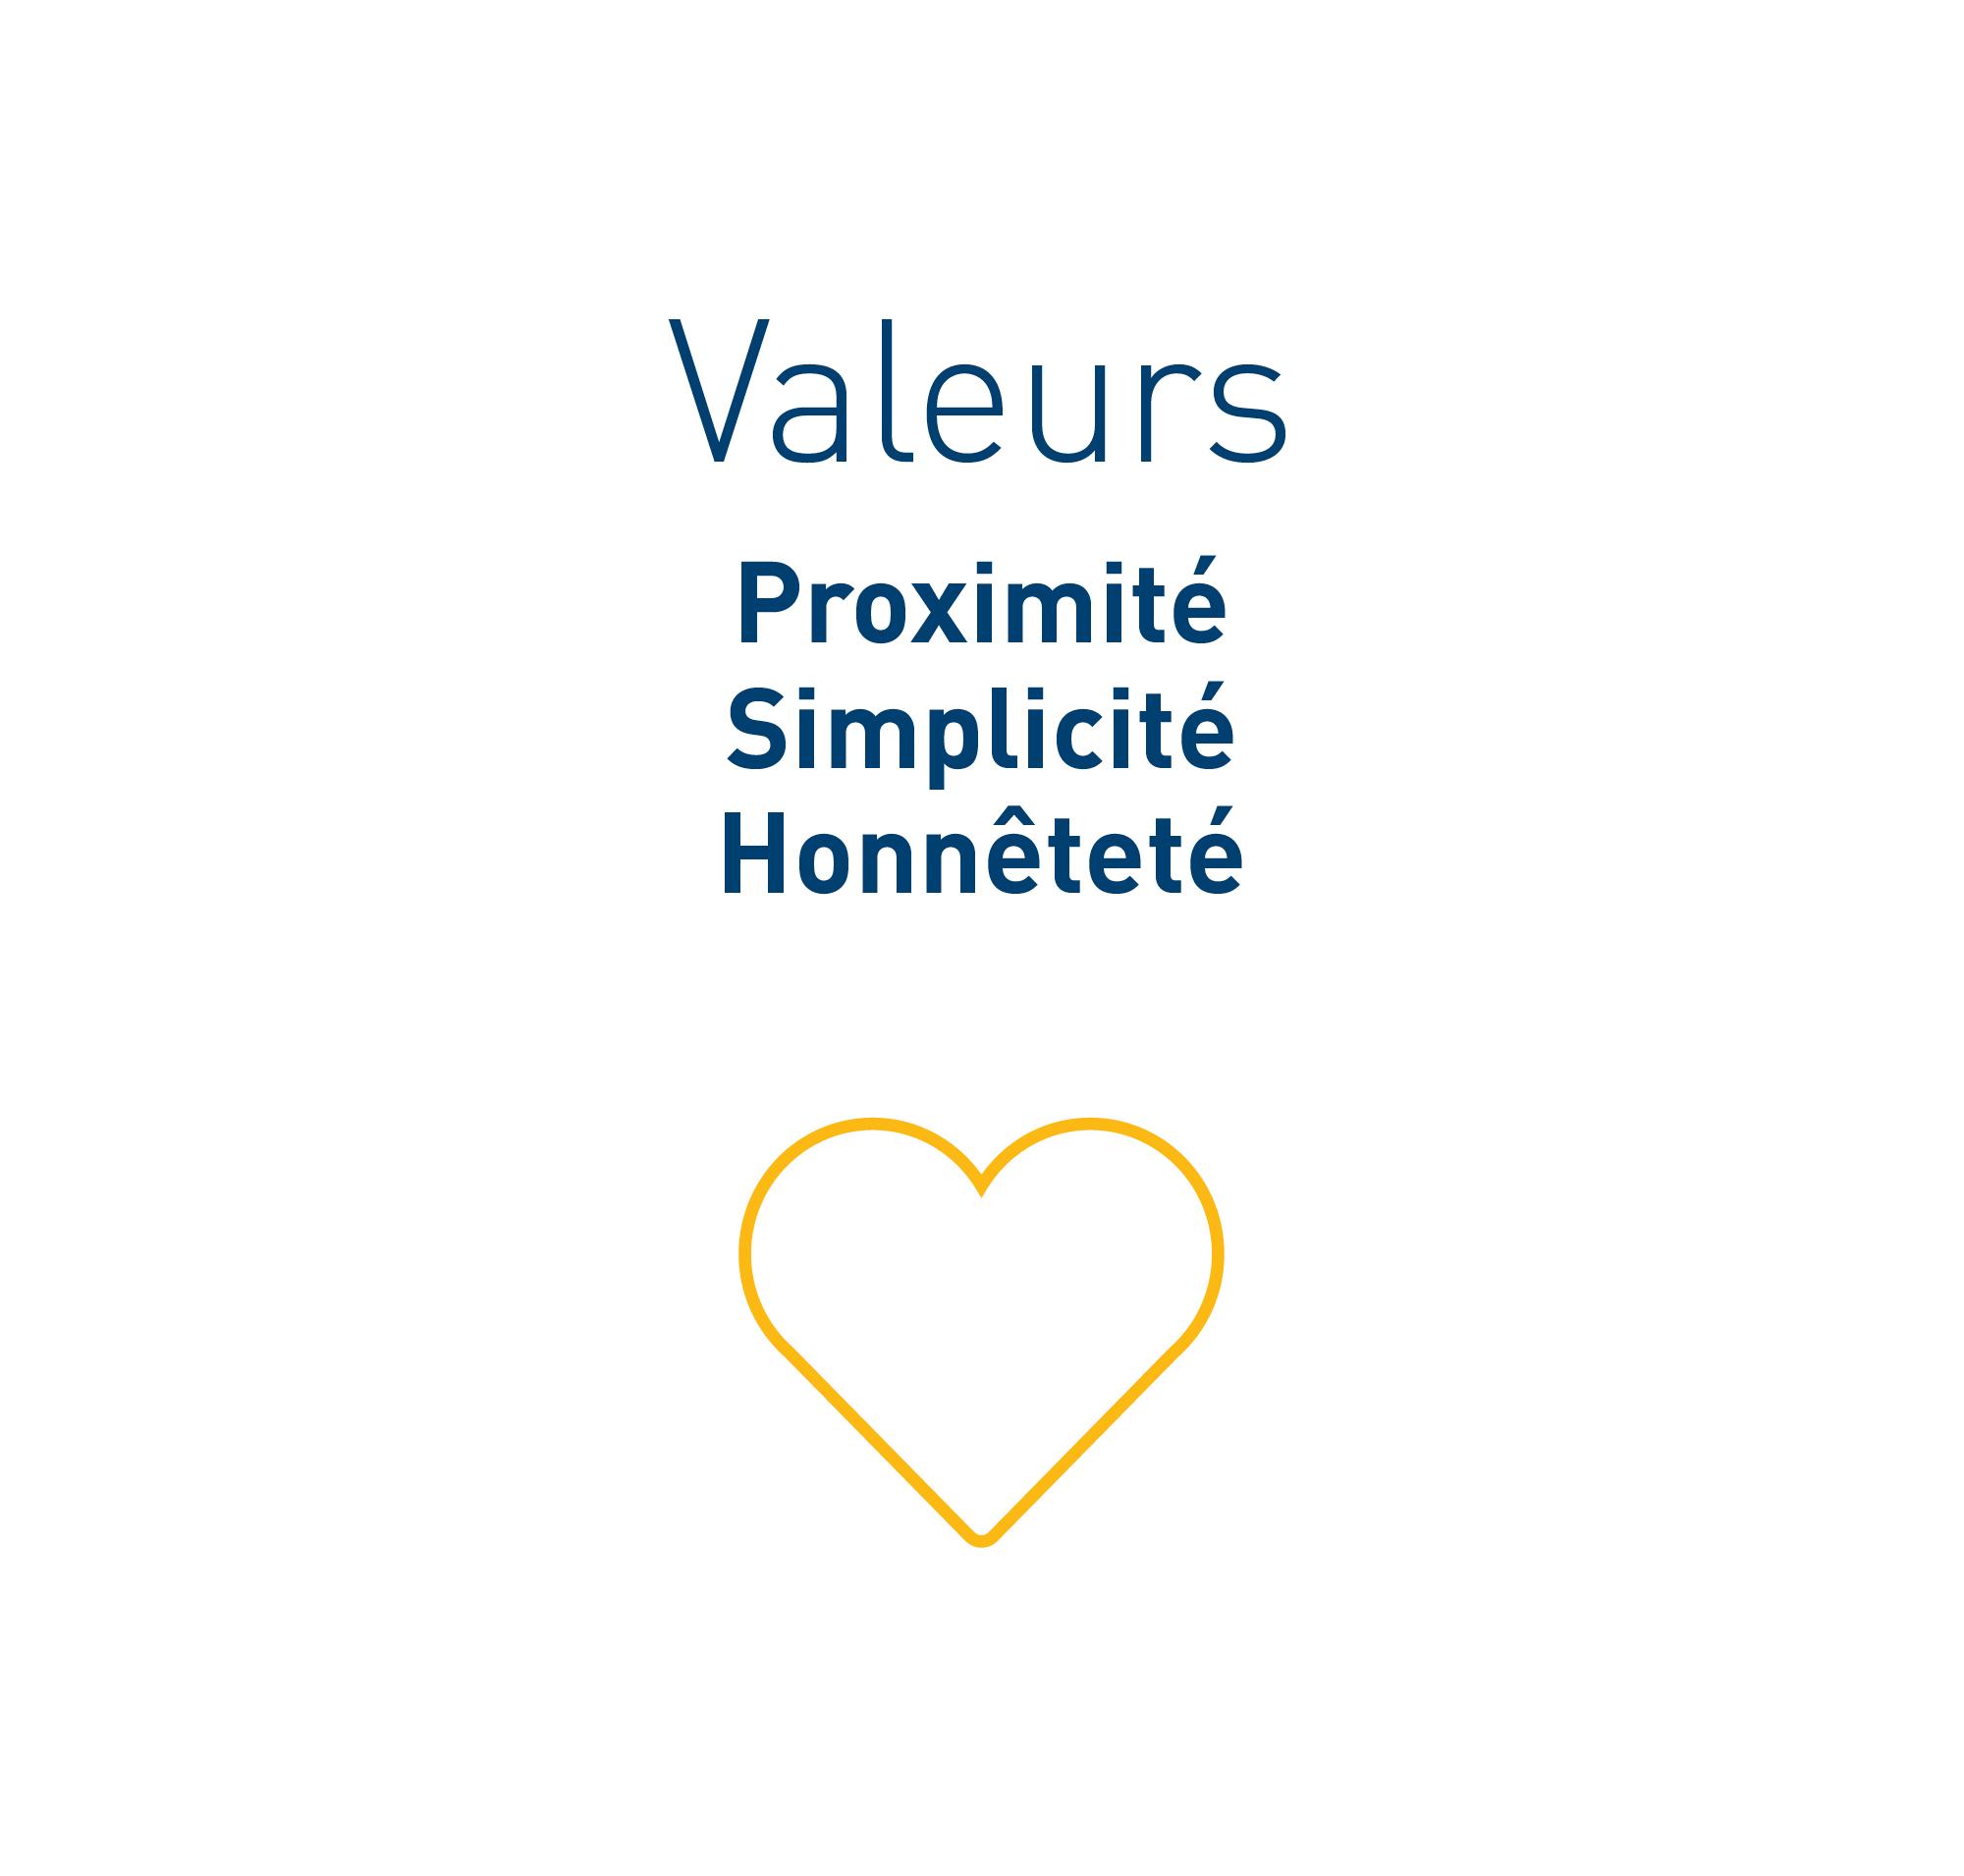 Image dans le texte: Valeurs – Proximité, simplicité, honnêté